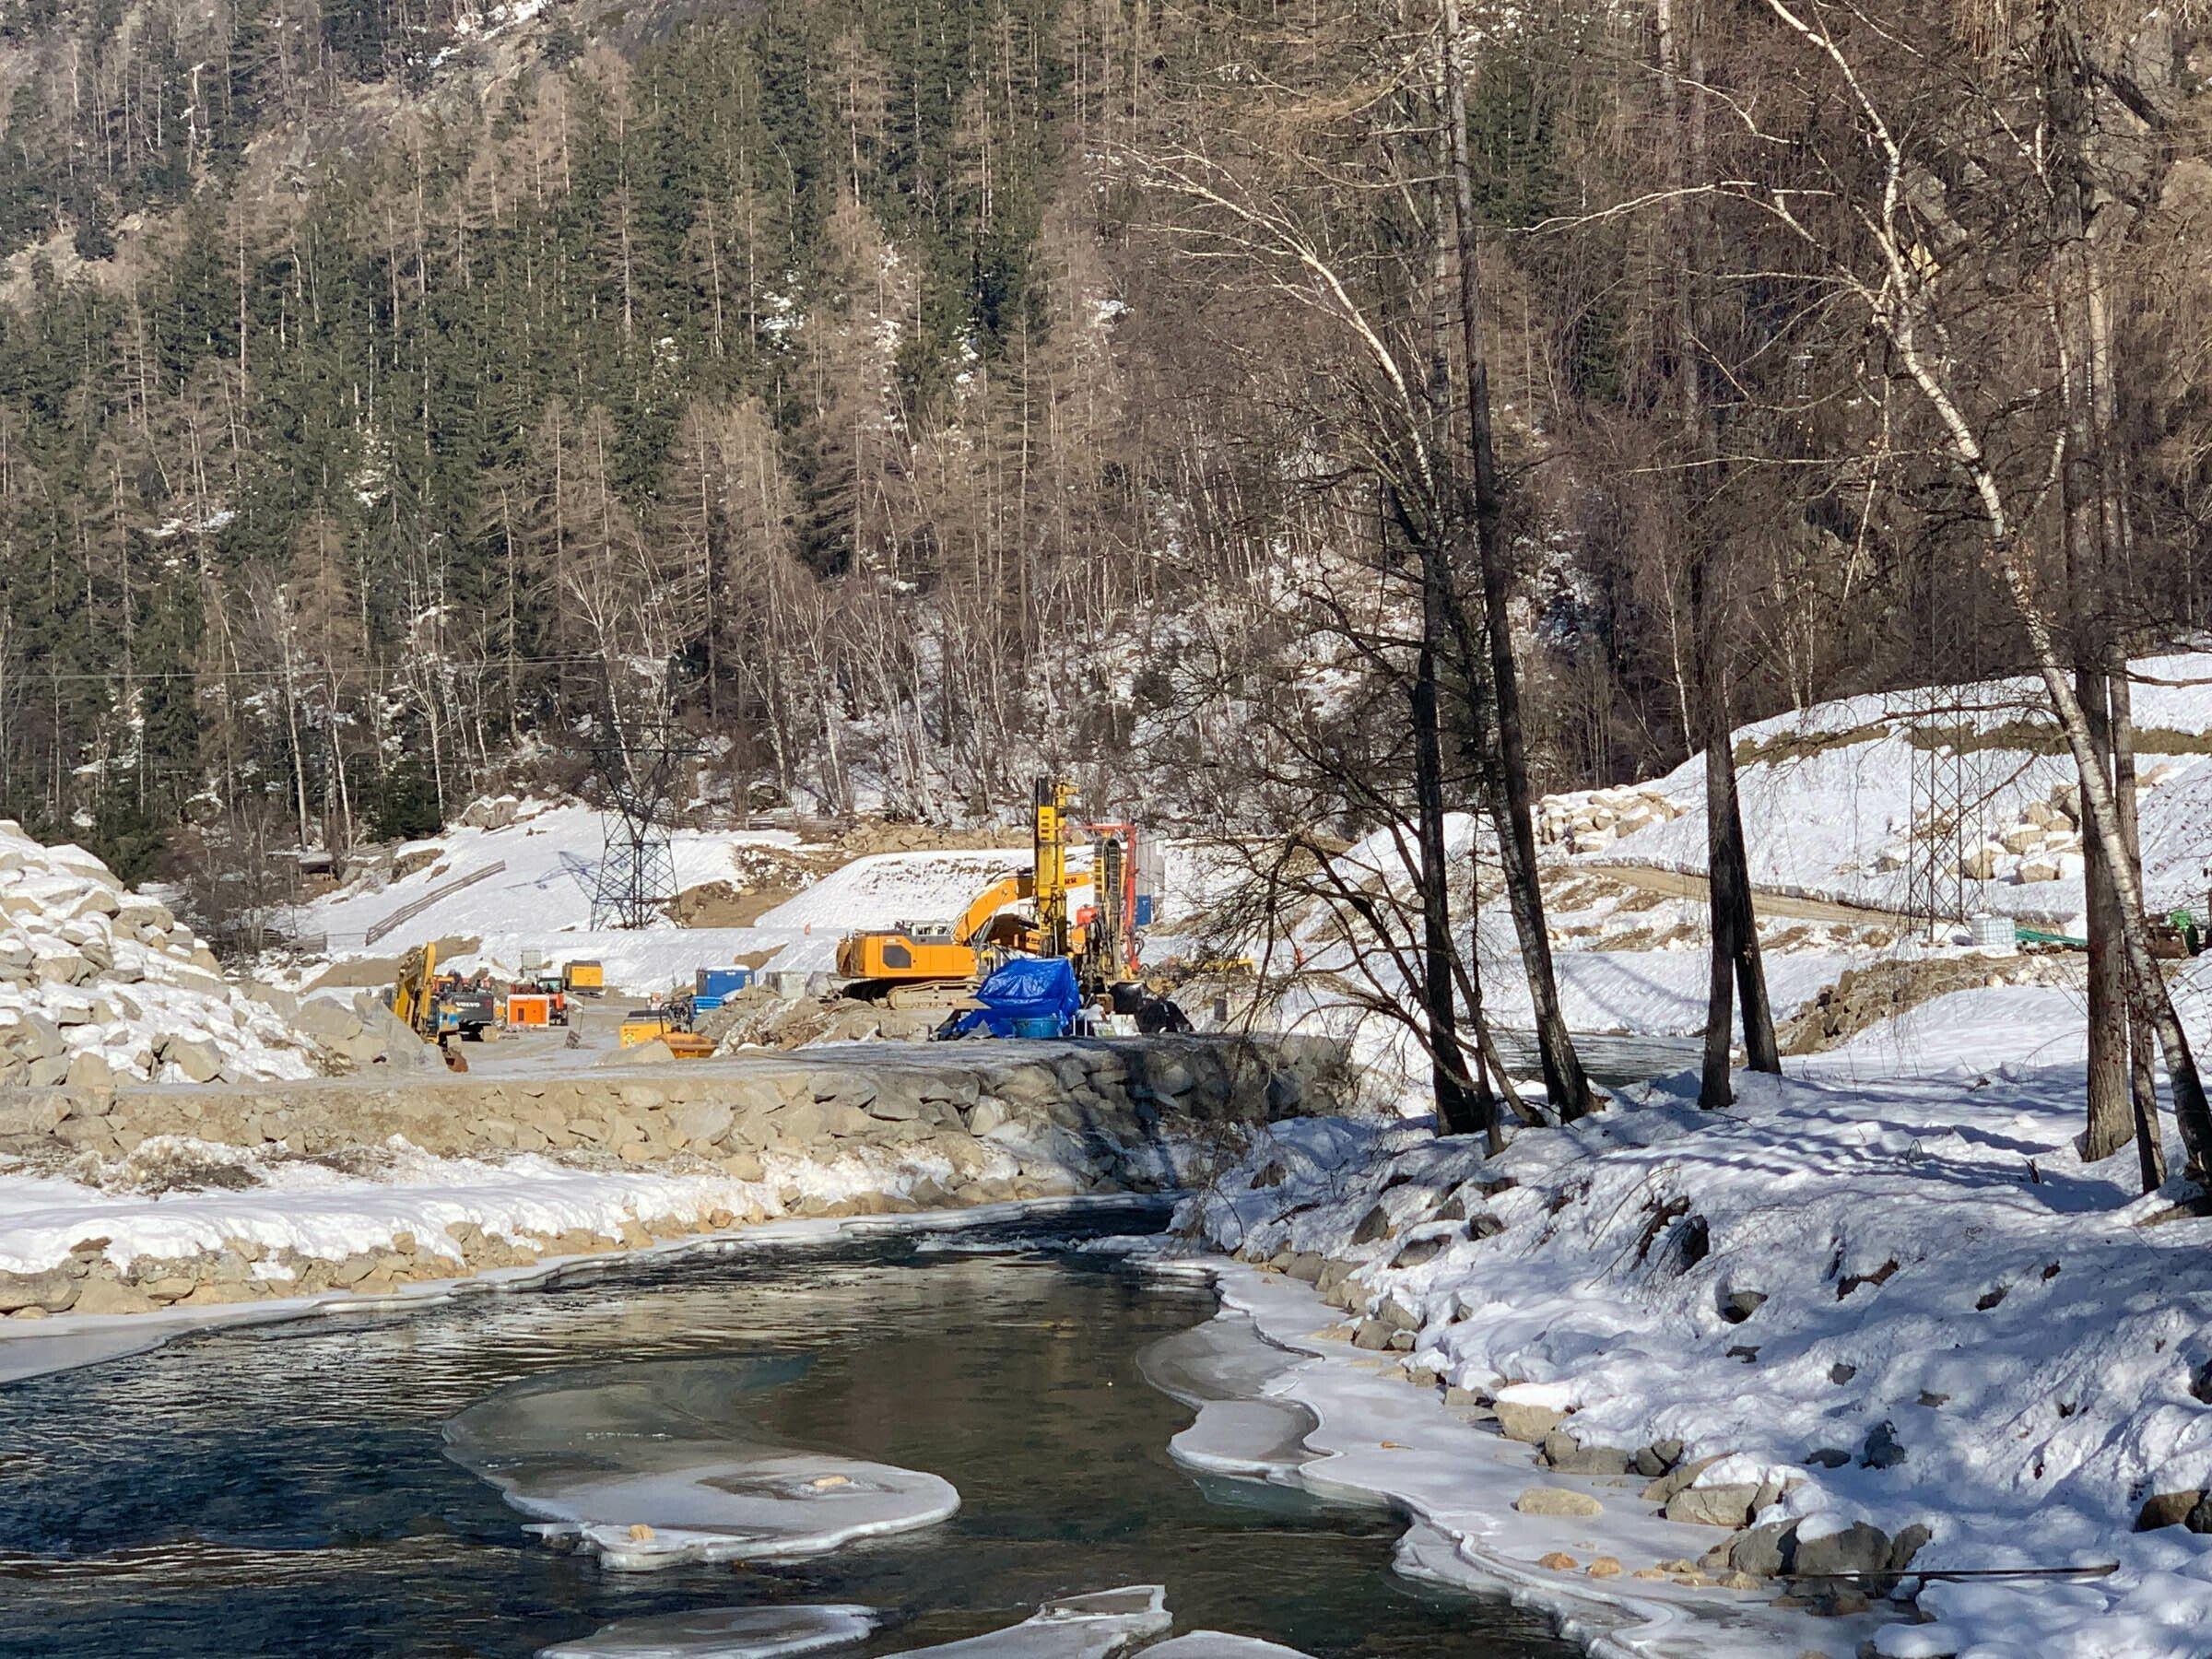 Gebirgsbach mit Eis und Schnee, am Ufer wenige Bäume, im Hintergrund Bagger und eine Baustelle